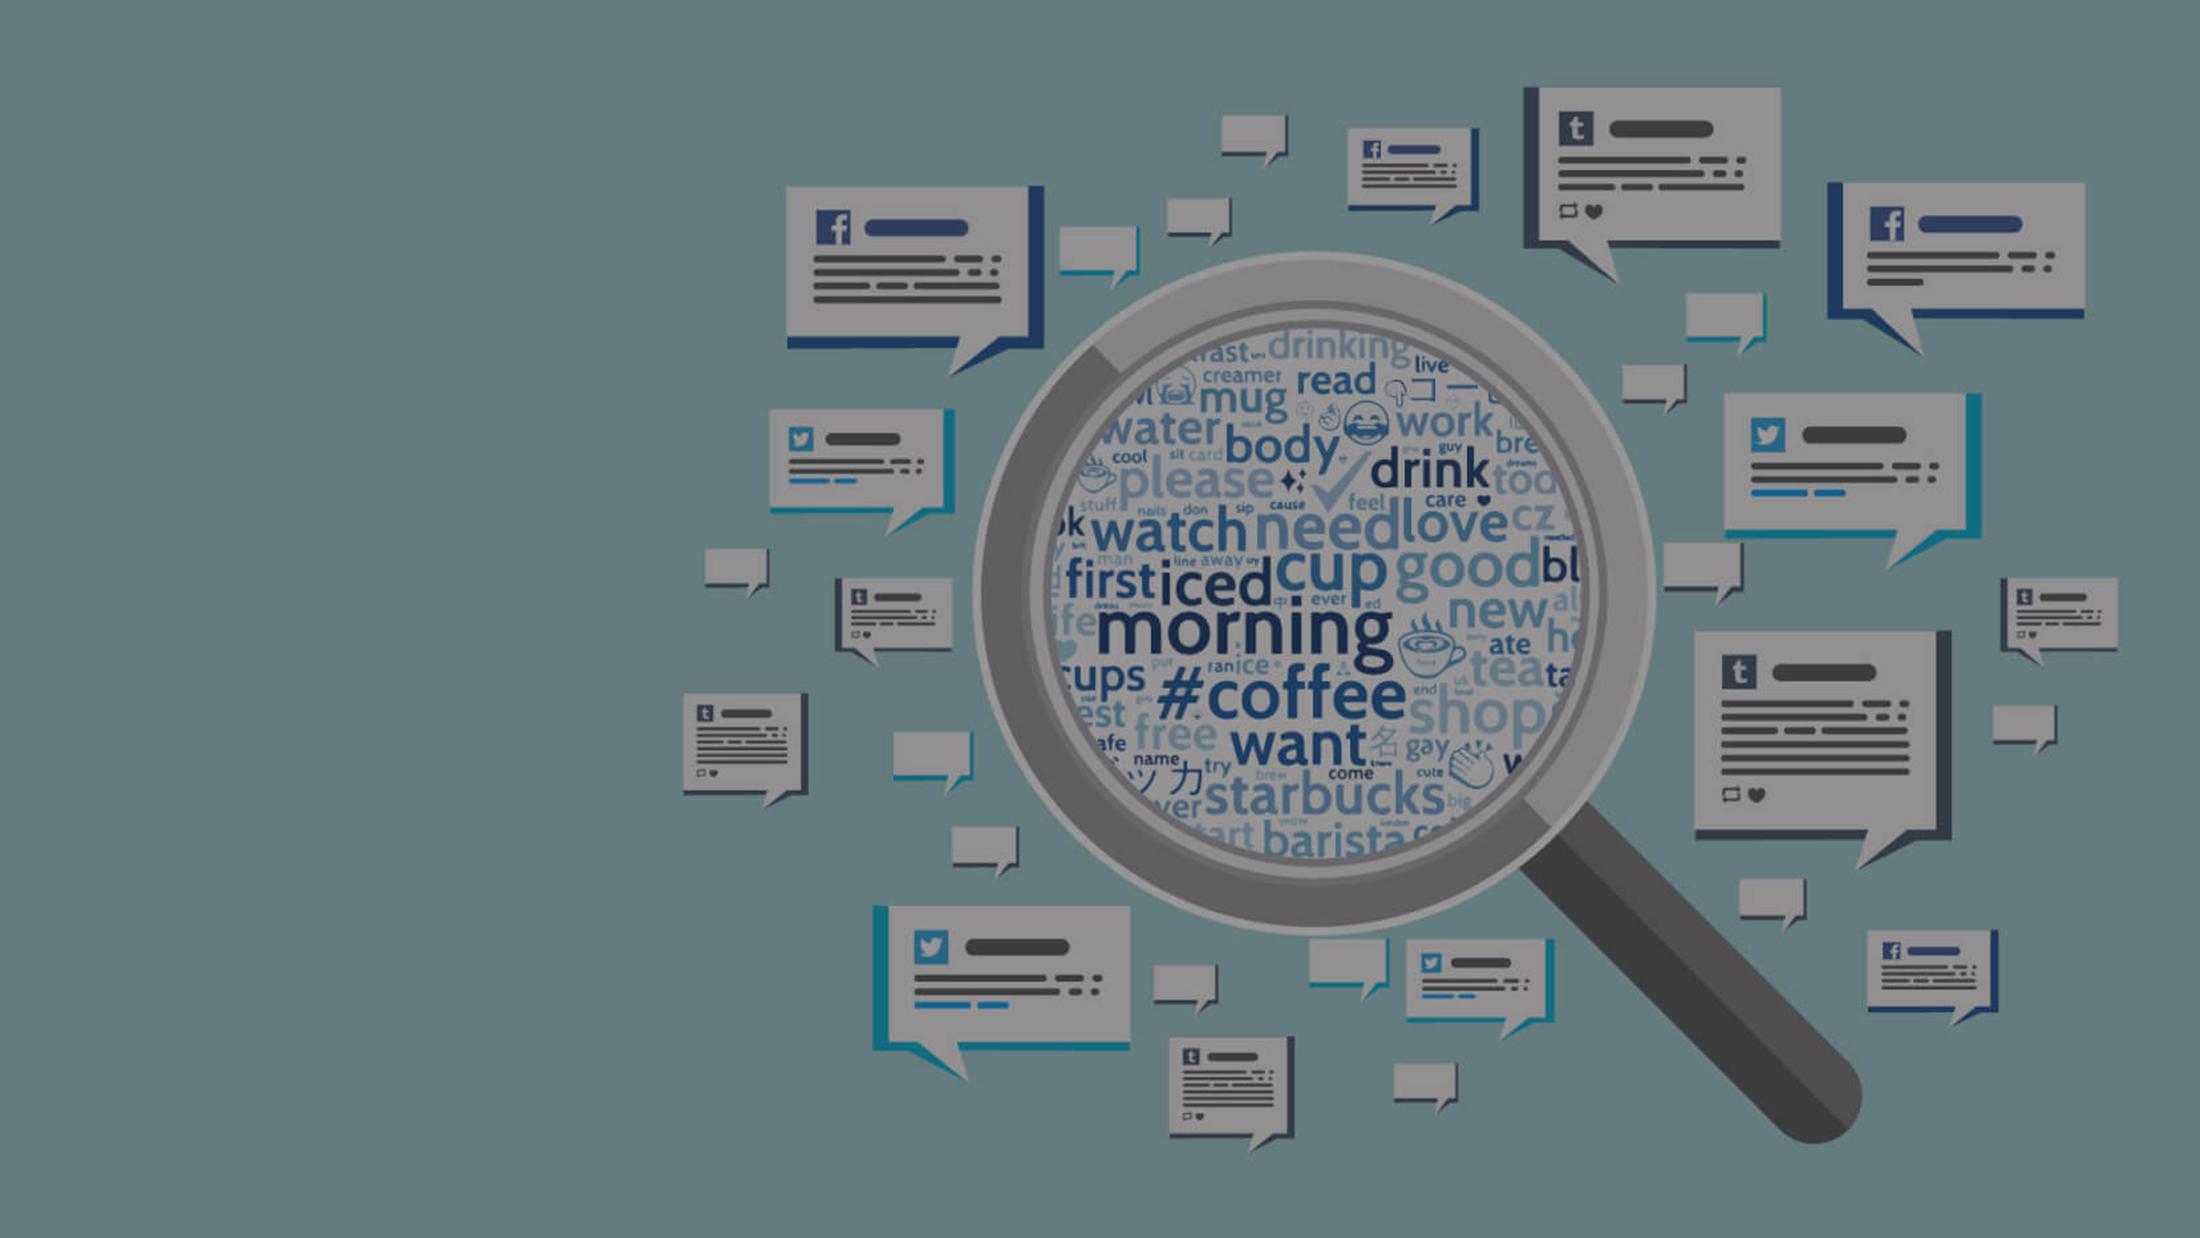 Cómo funciona el análisis de texto en Social Media